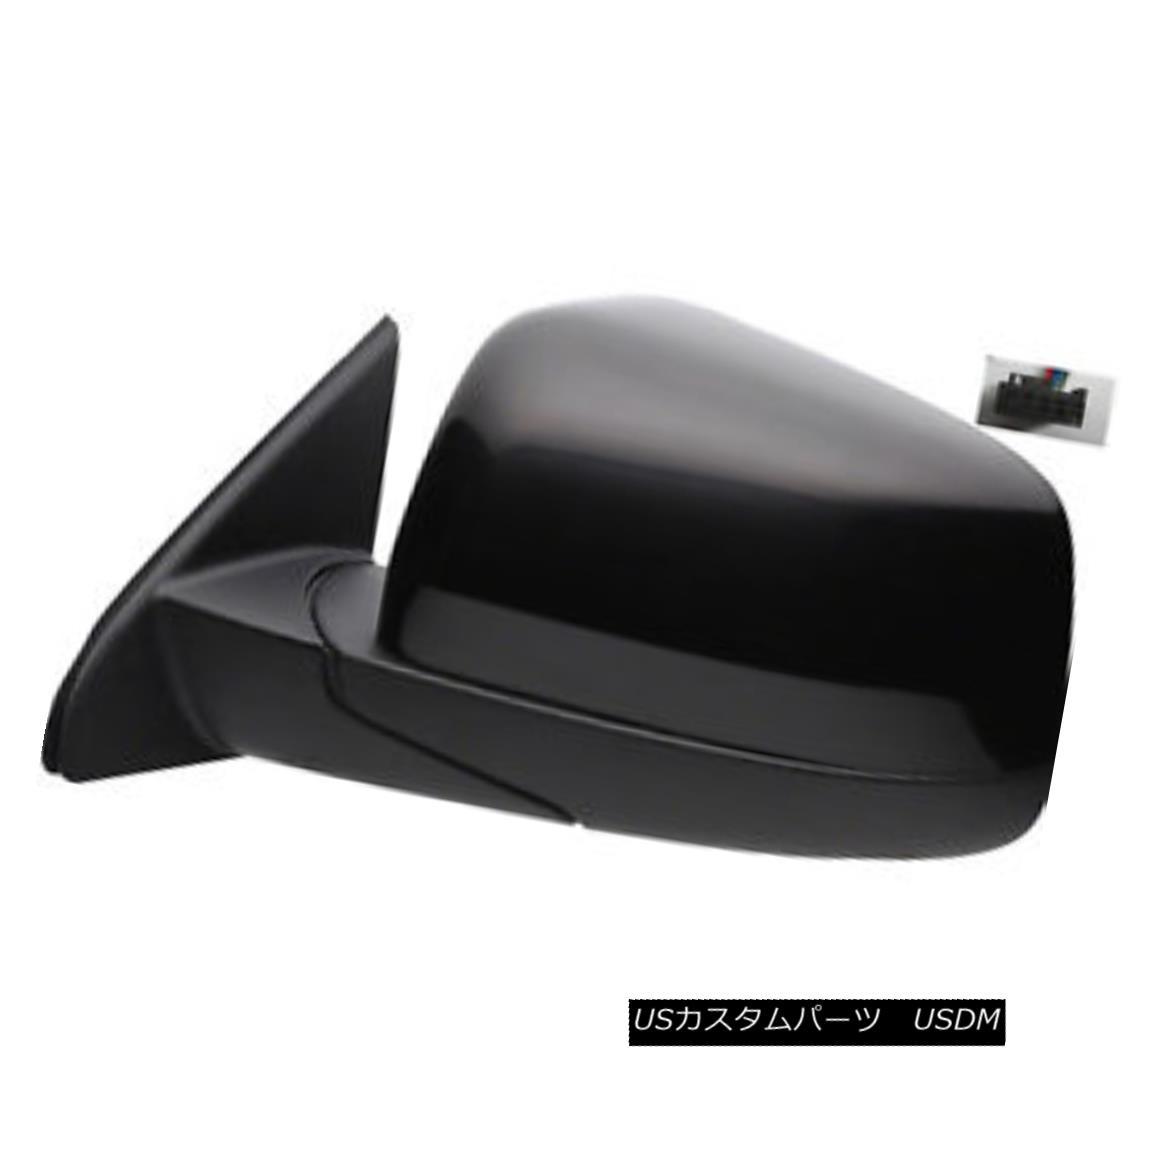 グリル New Left Driver Side Door Mirror - Power Adjust Heated Glass 128-02215L 新しい左の運転席のサイドミラー - パワー調整加熱ガラス128-02215L